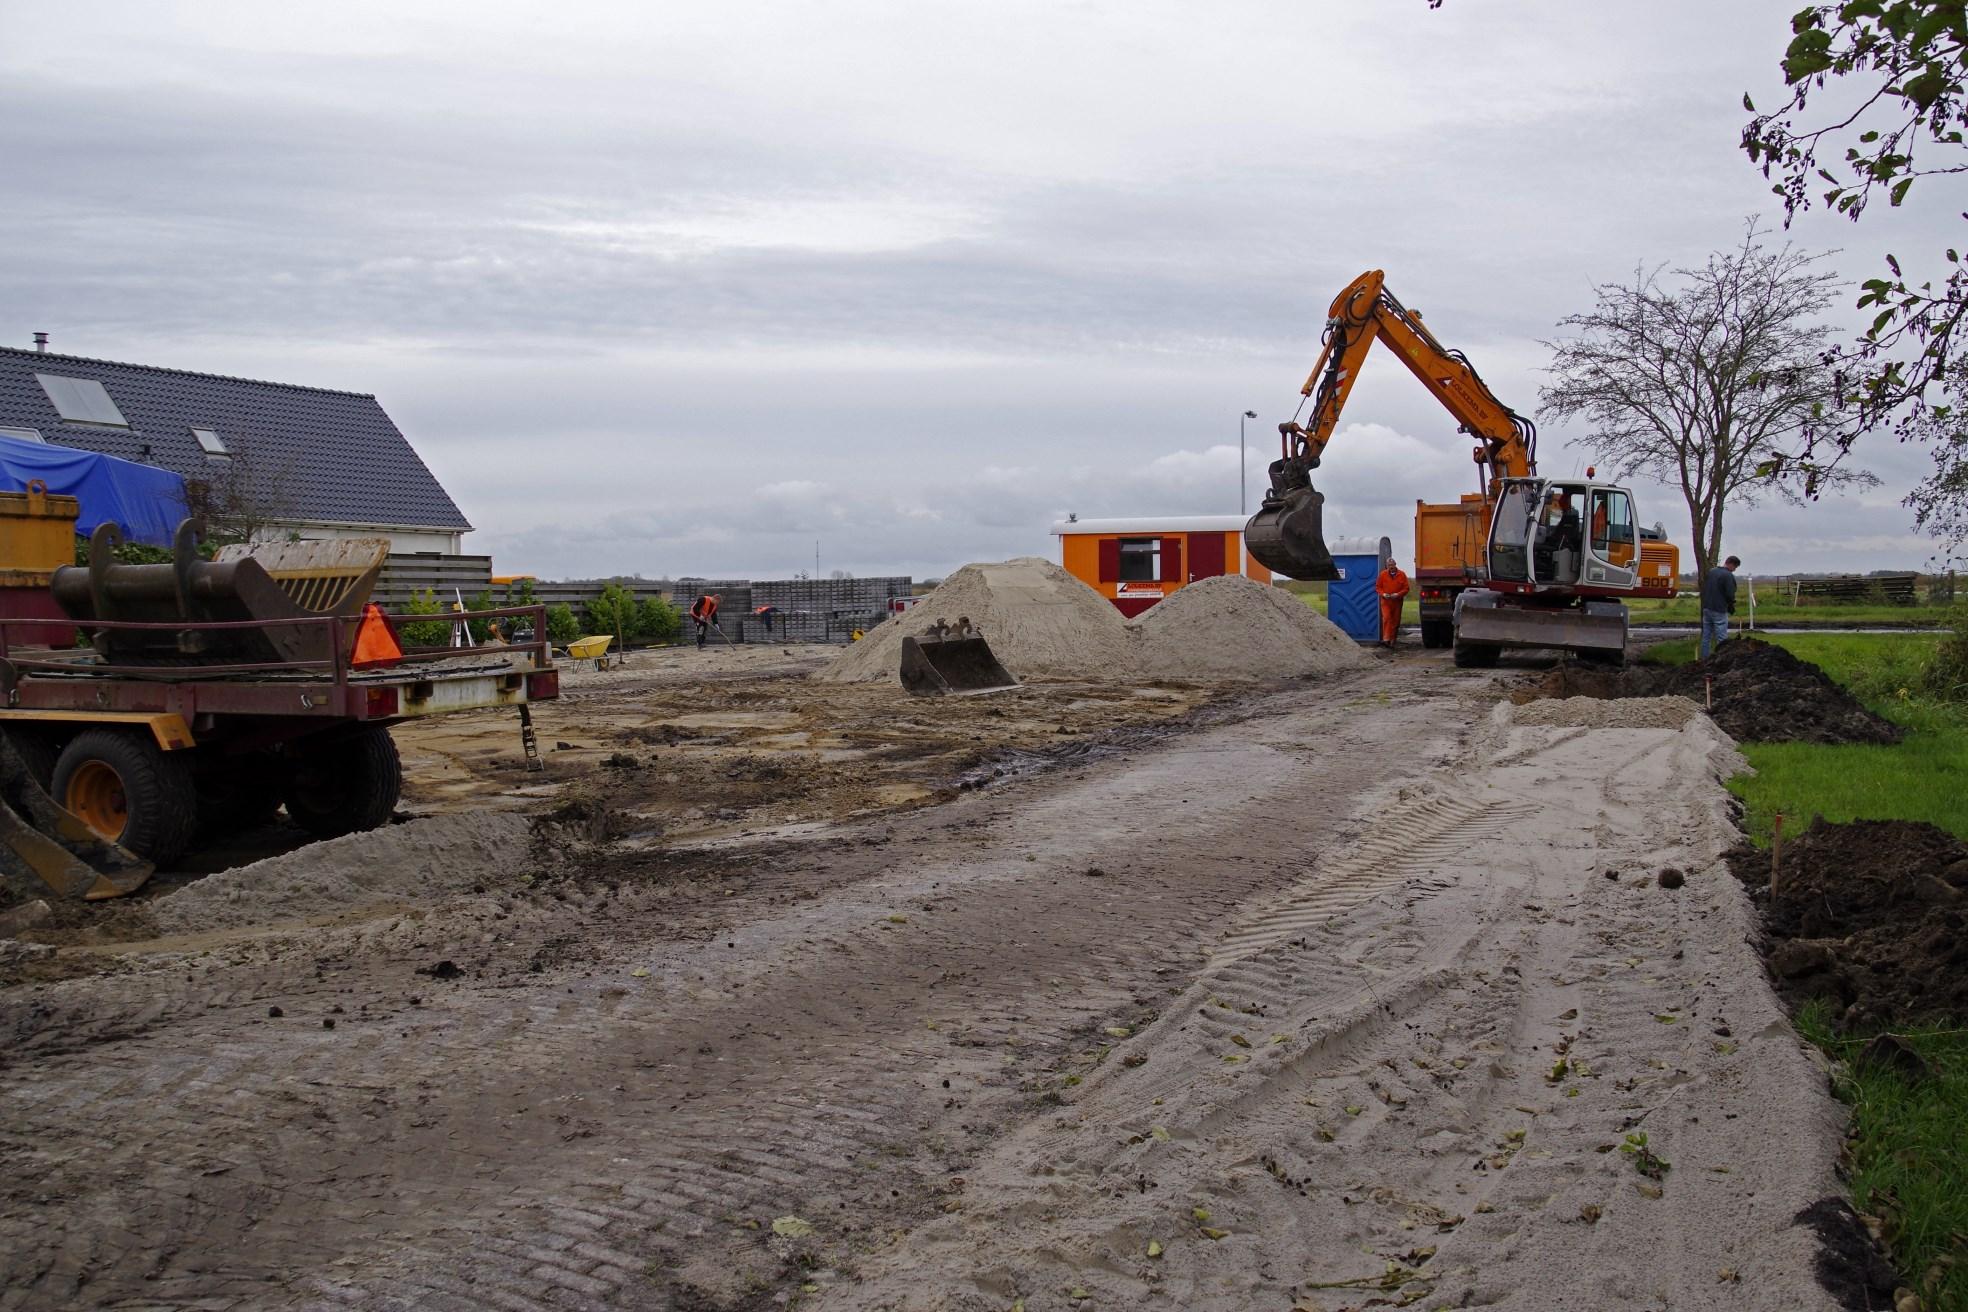 SBB vernieuwd parkeerplaatsen